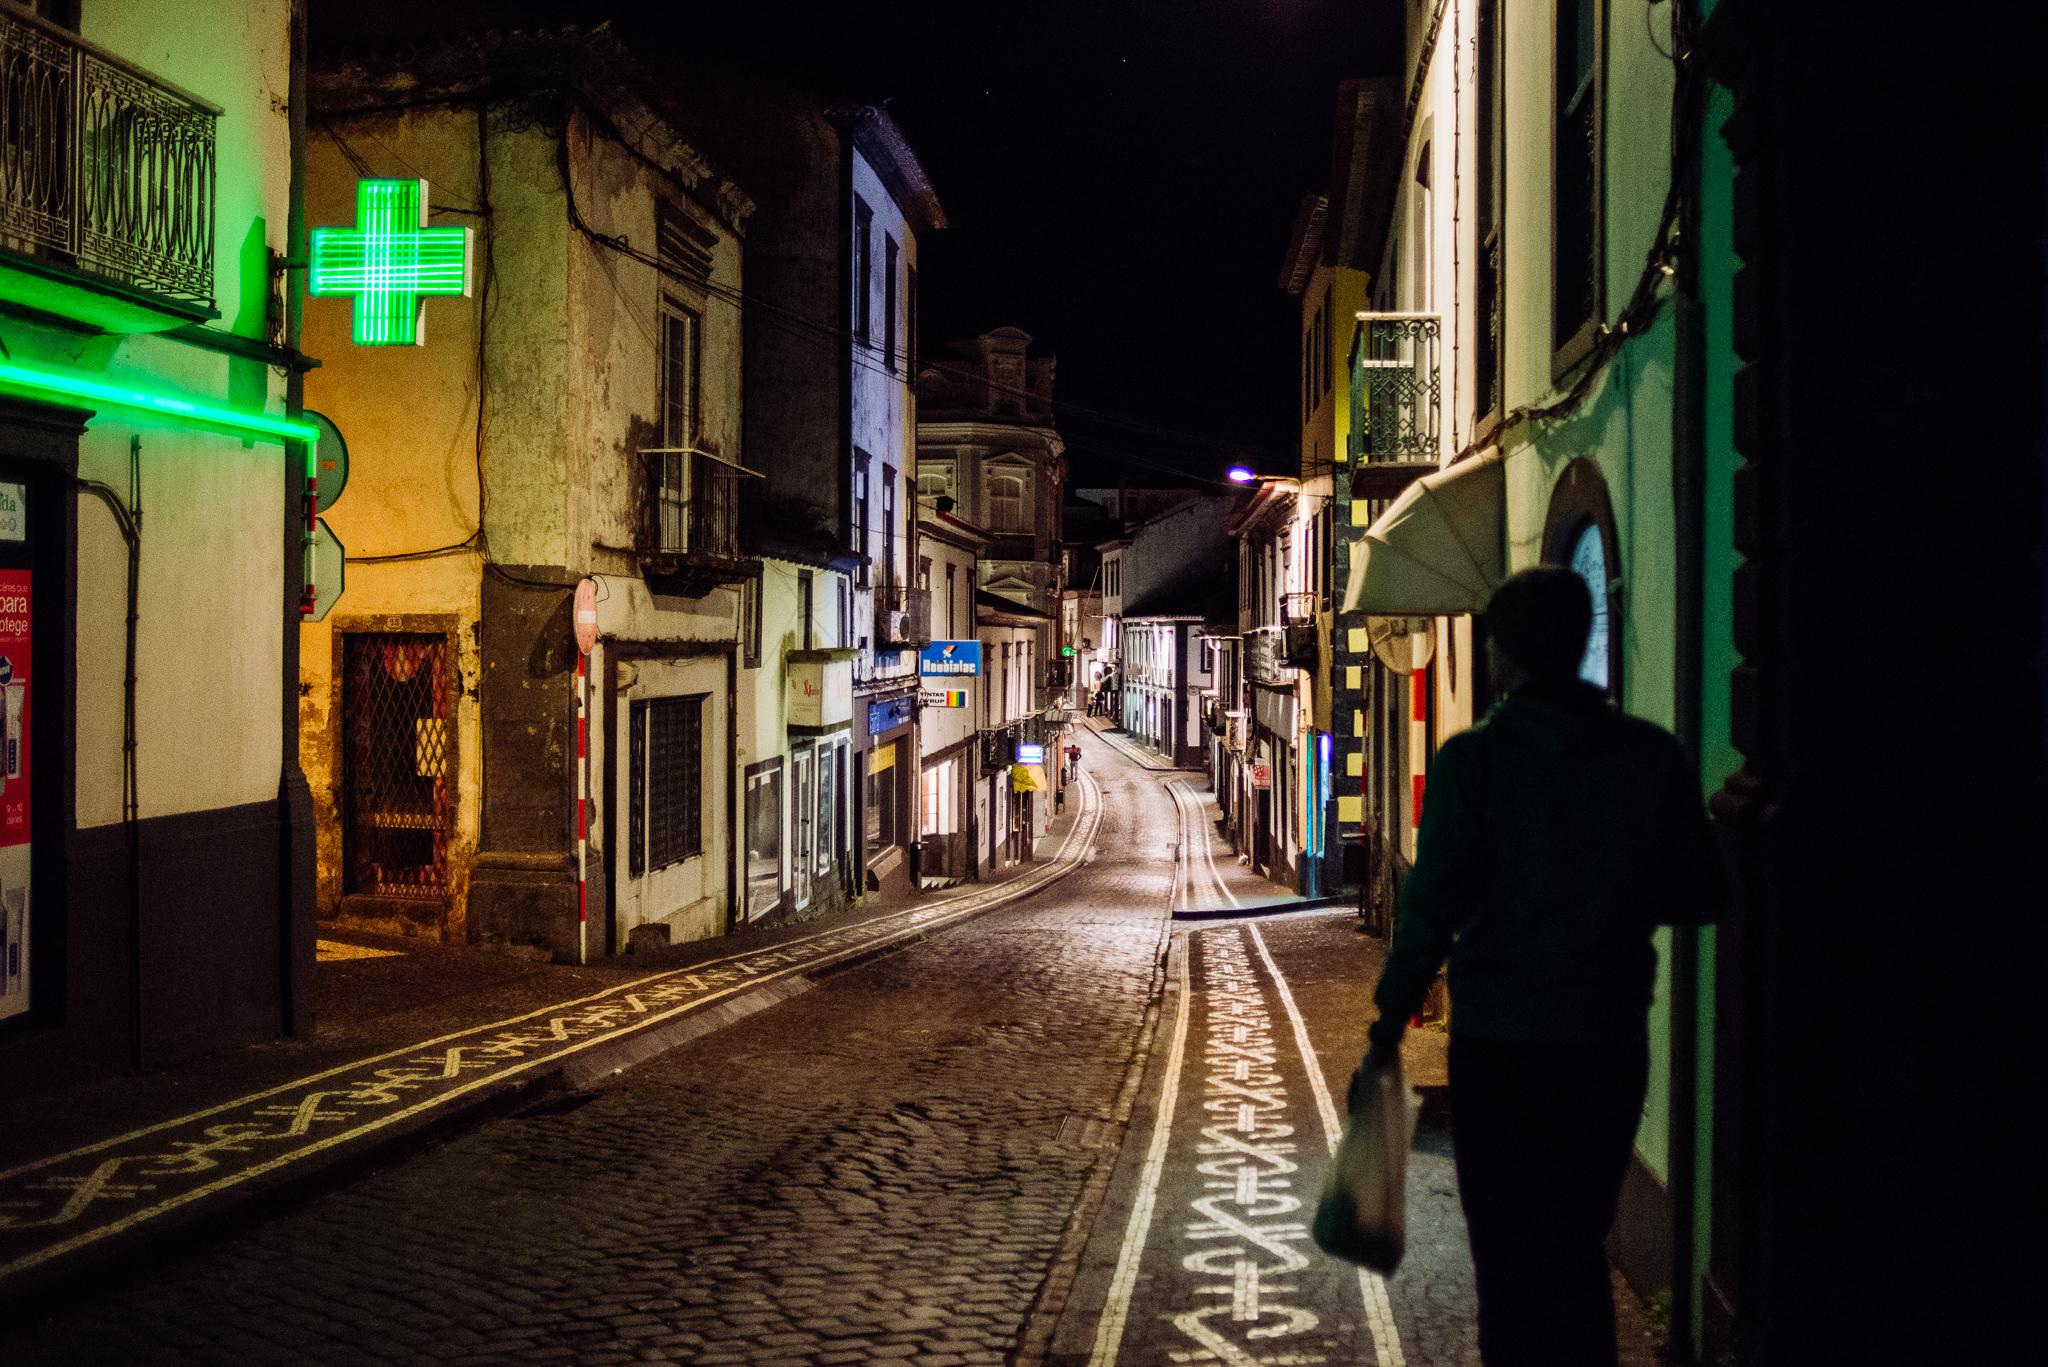 Ponta Delgada kihalt utcái éjszaka